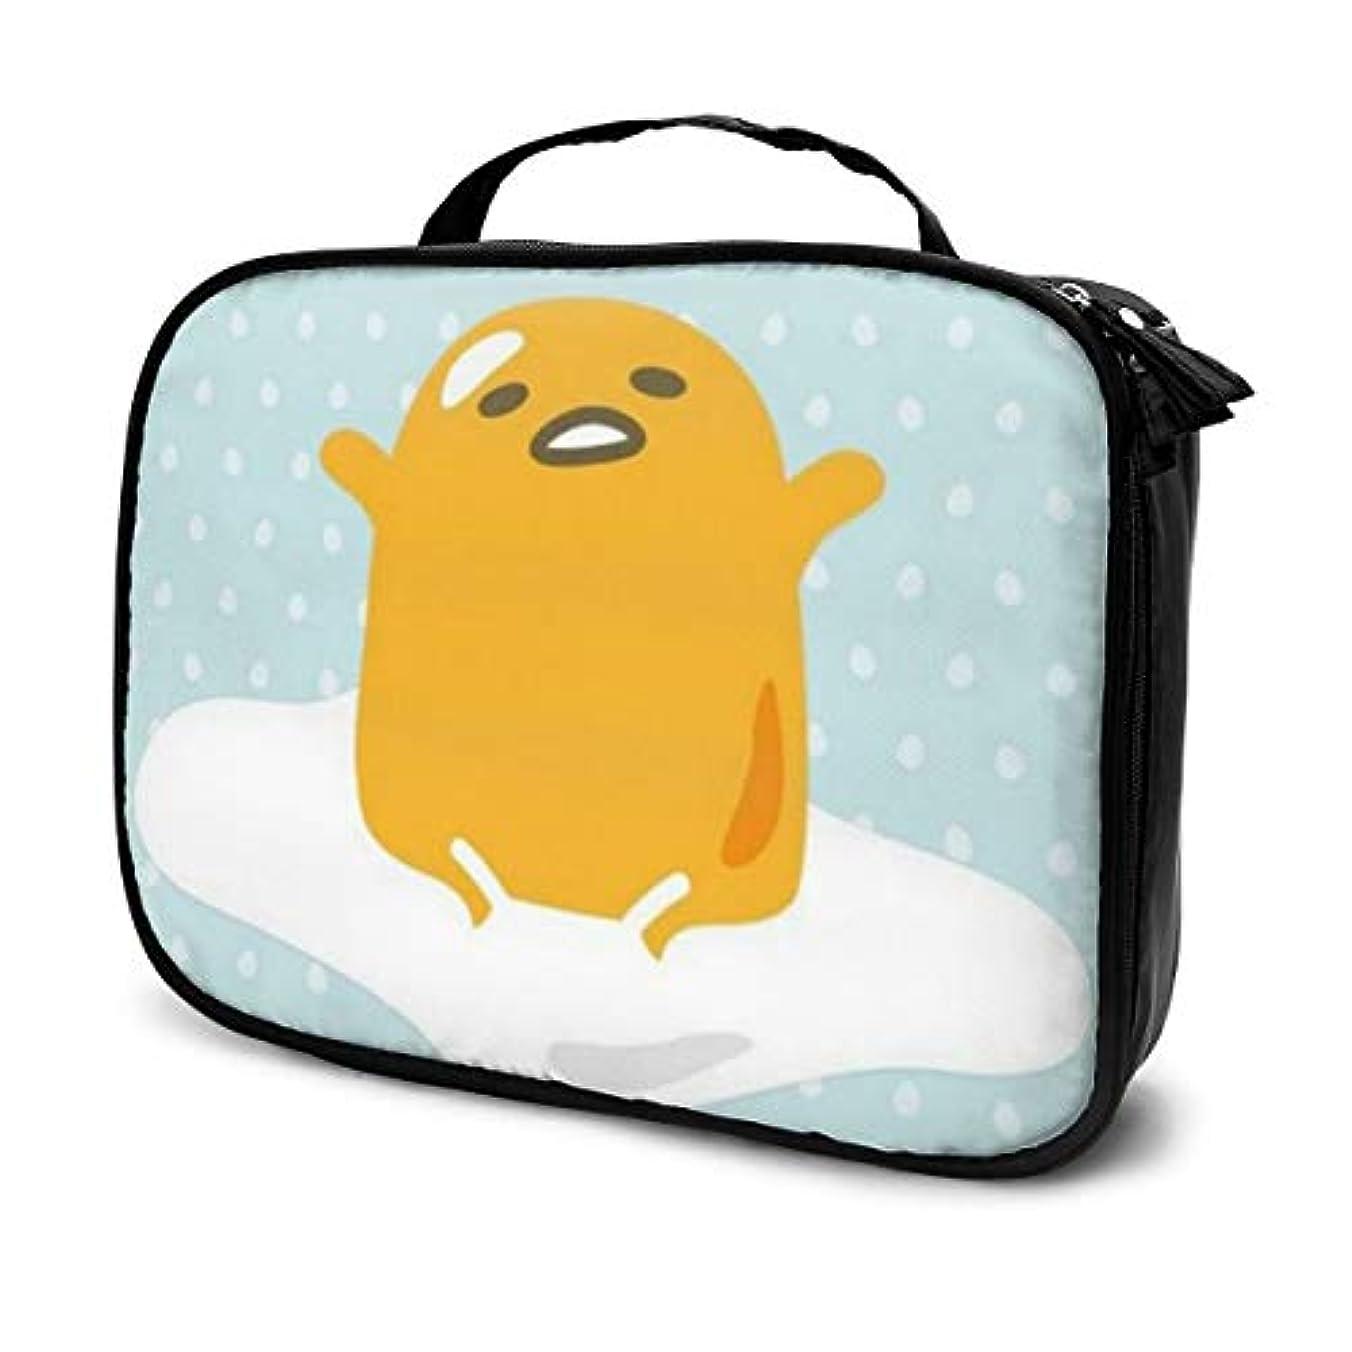 写真を描くプレゼン素晴らしきぐでたま 化粧ポーチ 化粧バッグ メイクボックス コスメバック 化粧箱 大容量 機能的 便携式 收納抜群 プロ用 旅行 家用